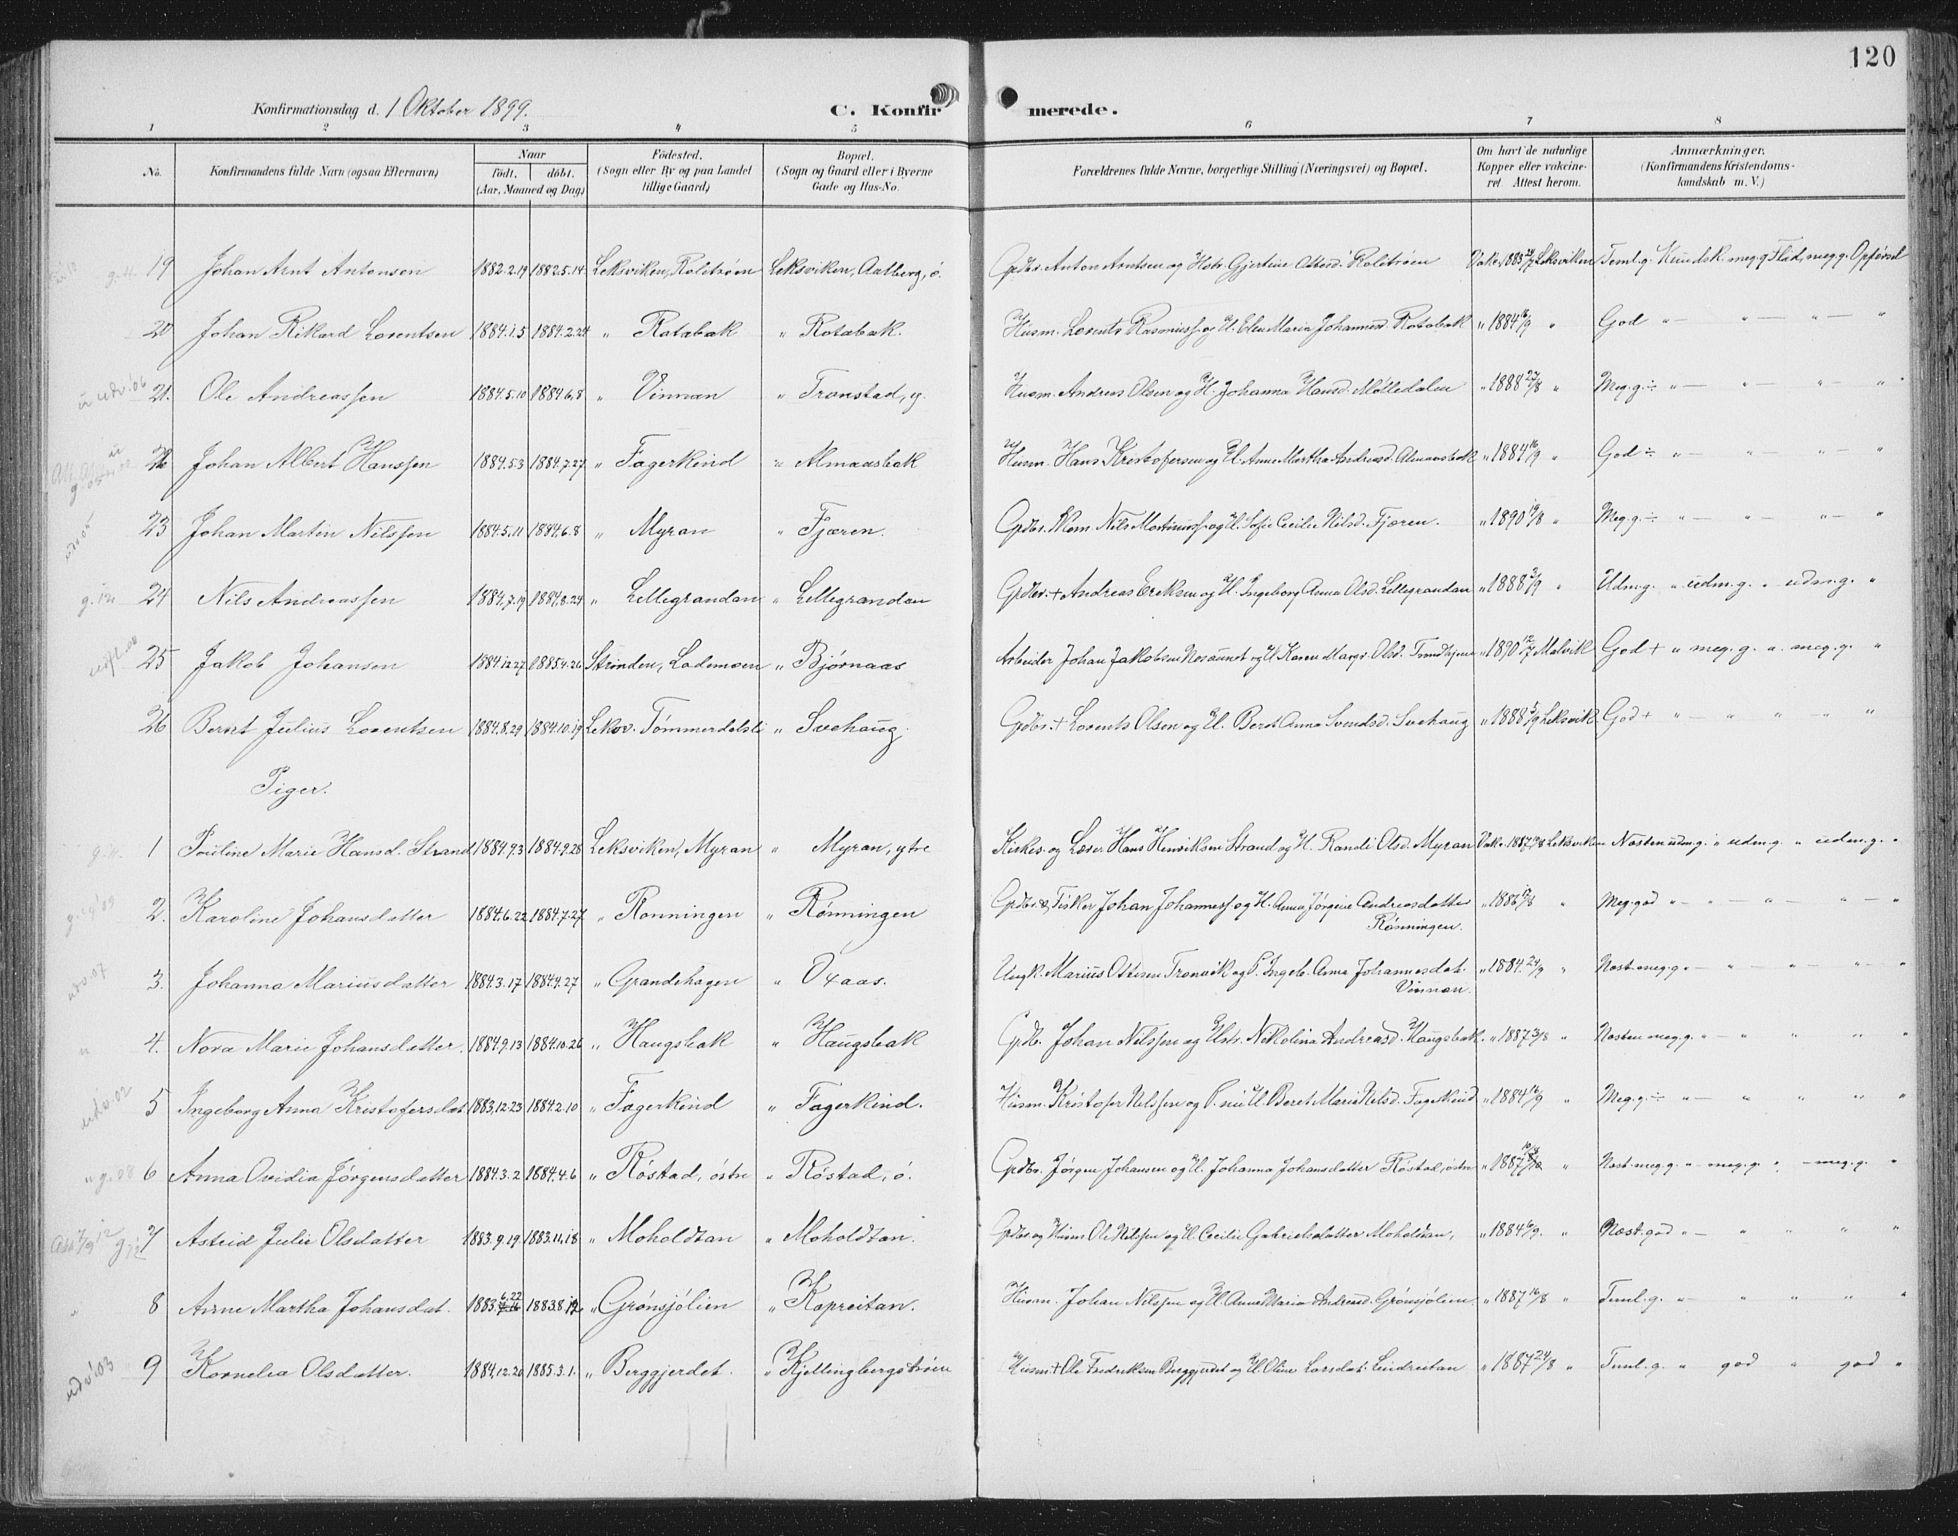 SAT, Ministerialprotokoller, klokkerbøker og fødselsregistre - Nord-Trøndelag, 701/L0011: Ministerialbok nr. 701A11, 1899-1915, s. 120